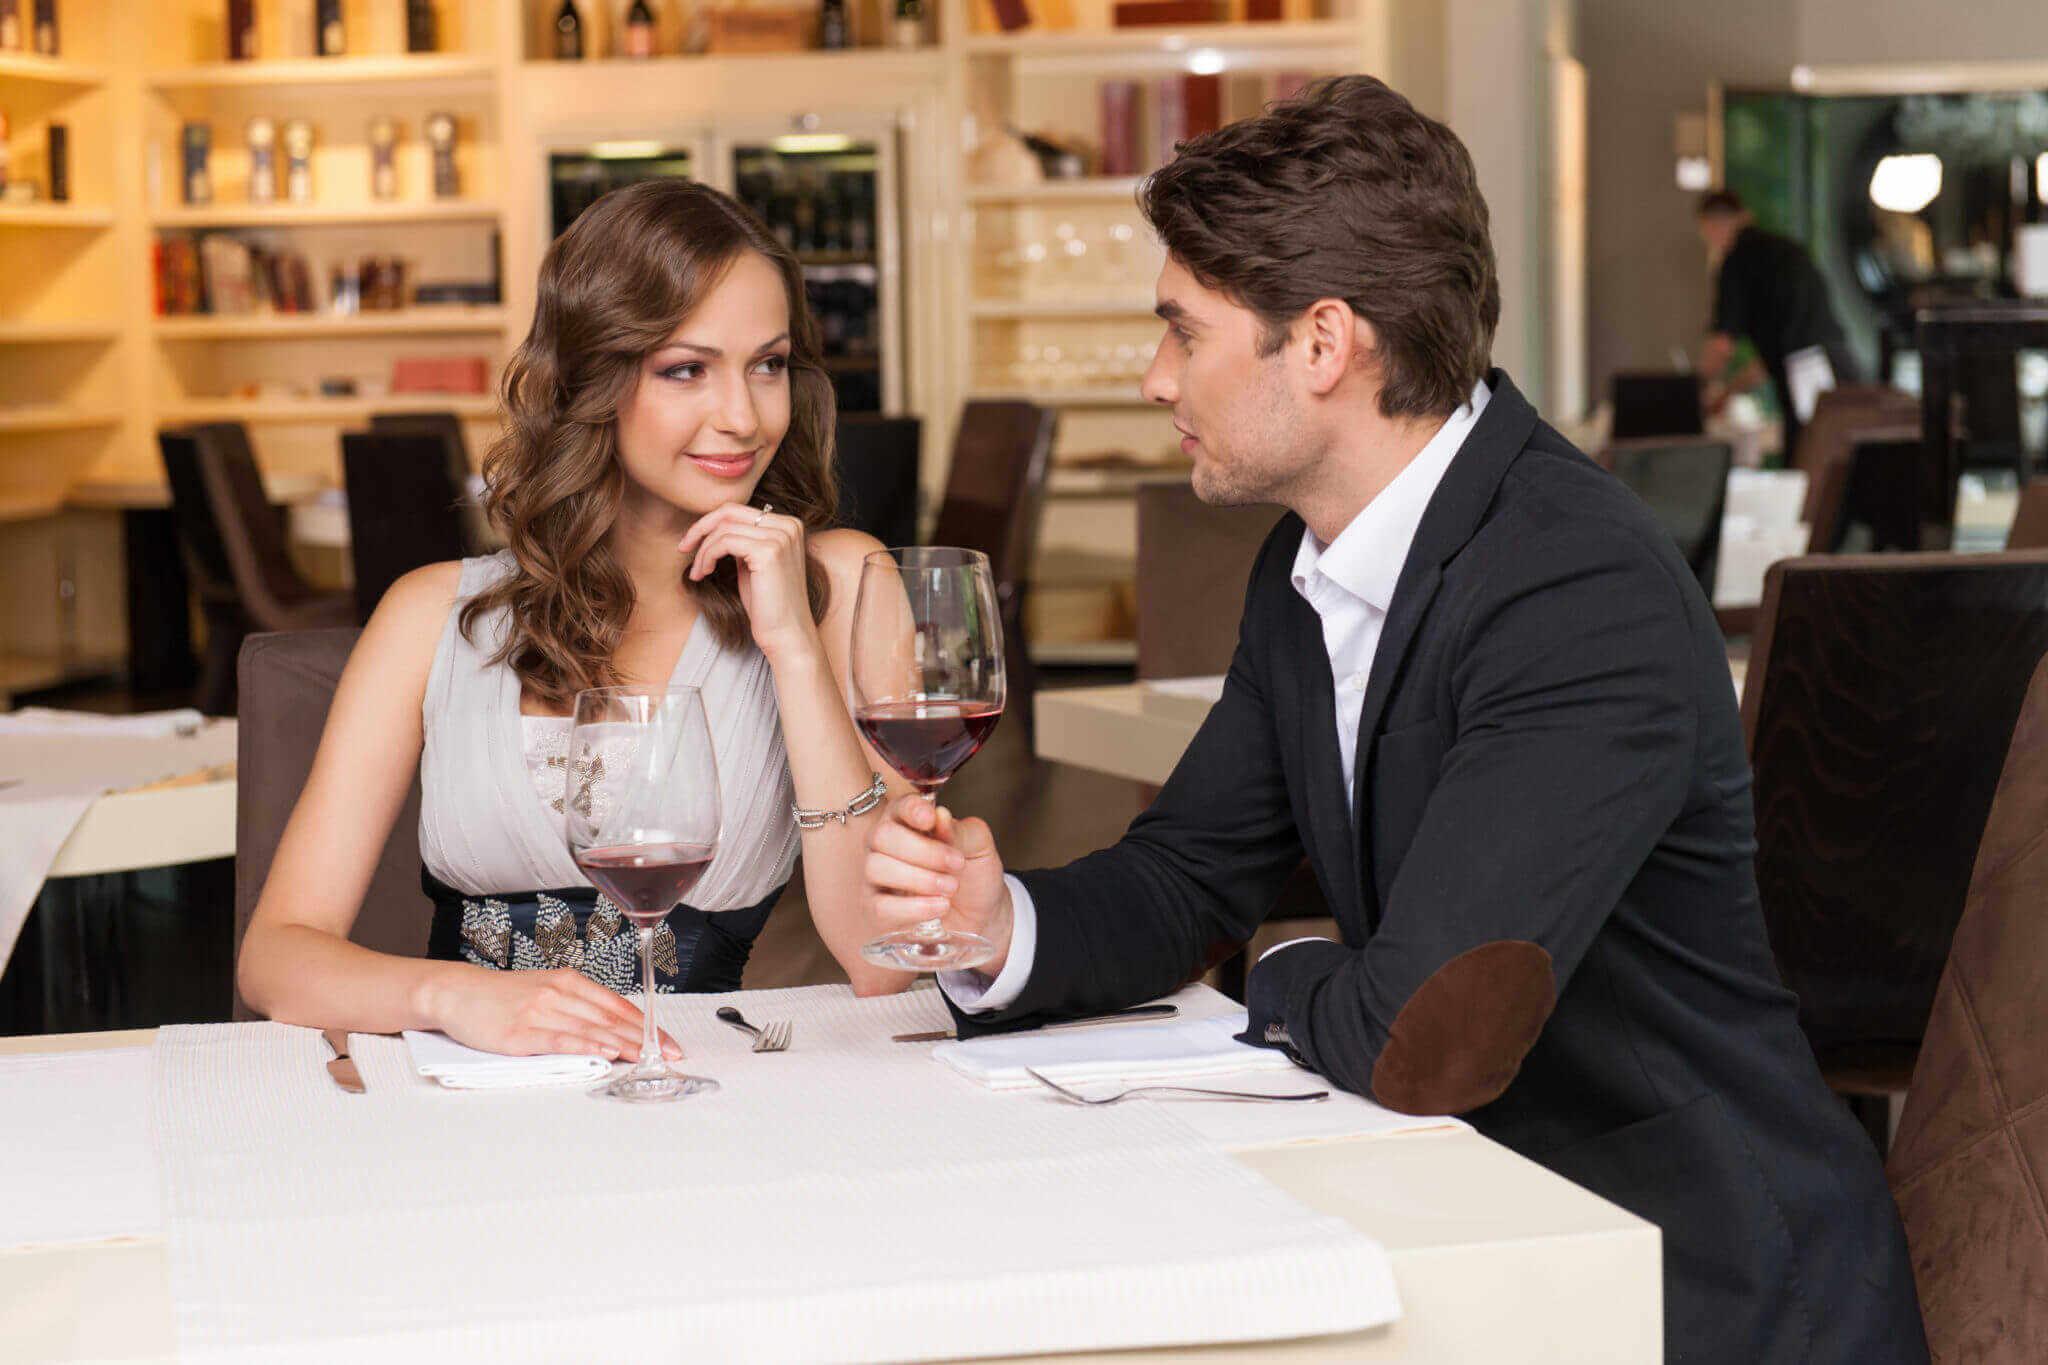 gratis online dating Houston TX dating webbplatser i JHB